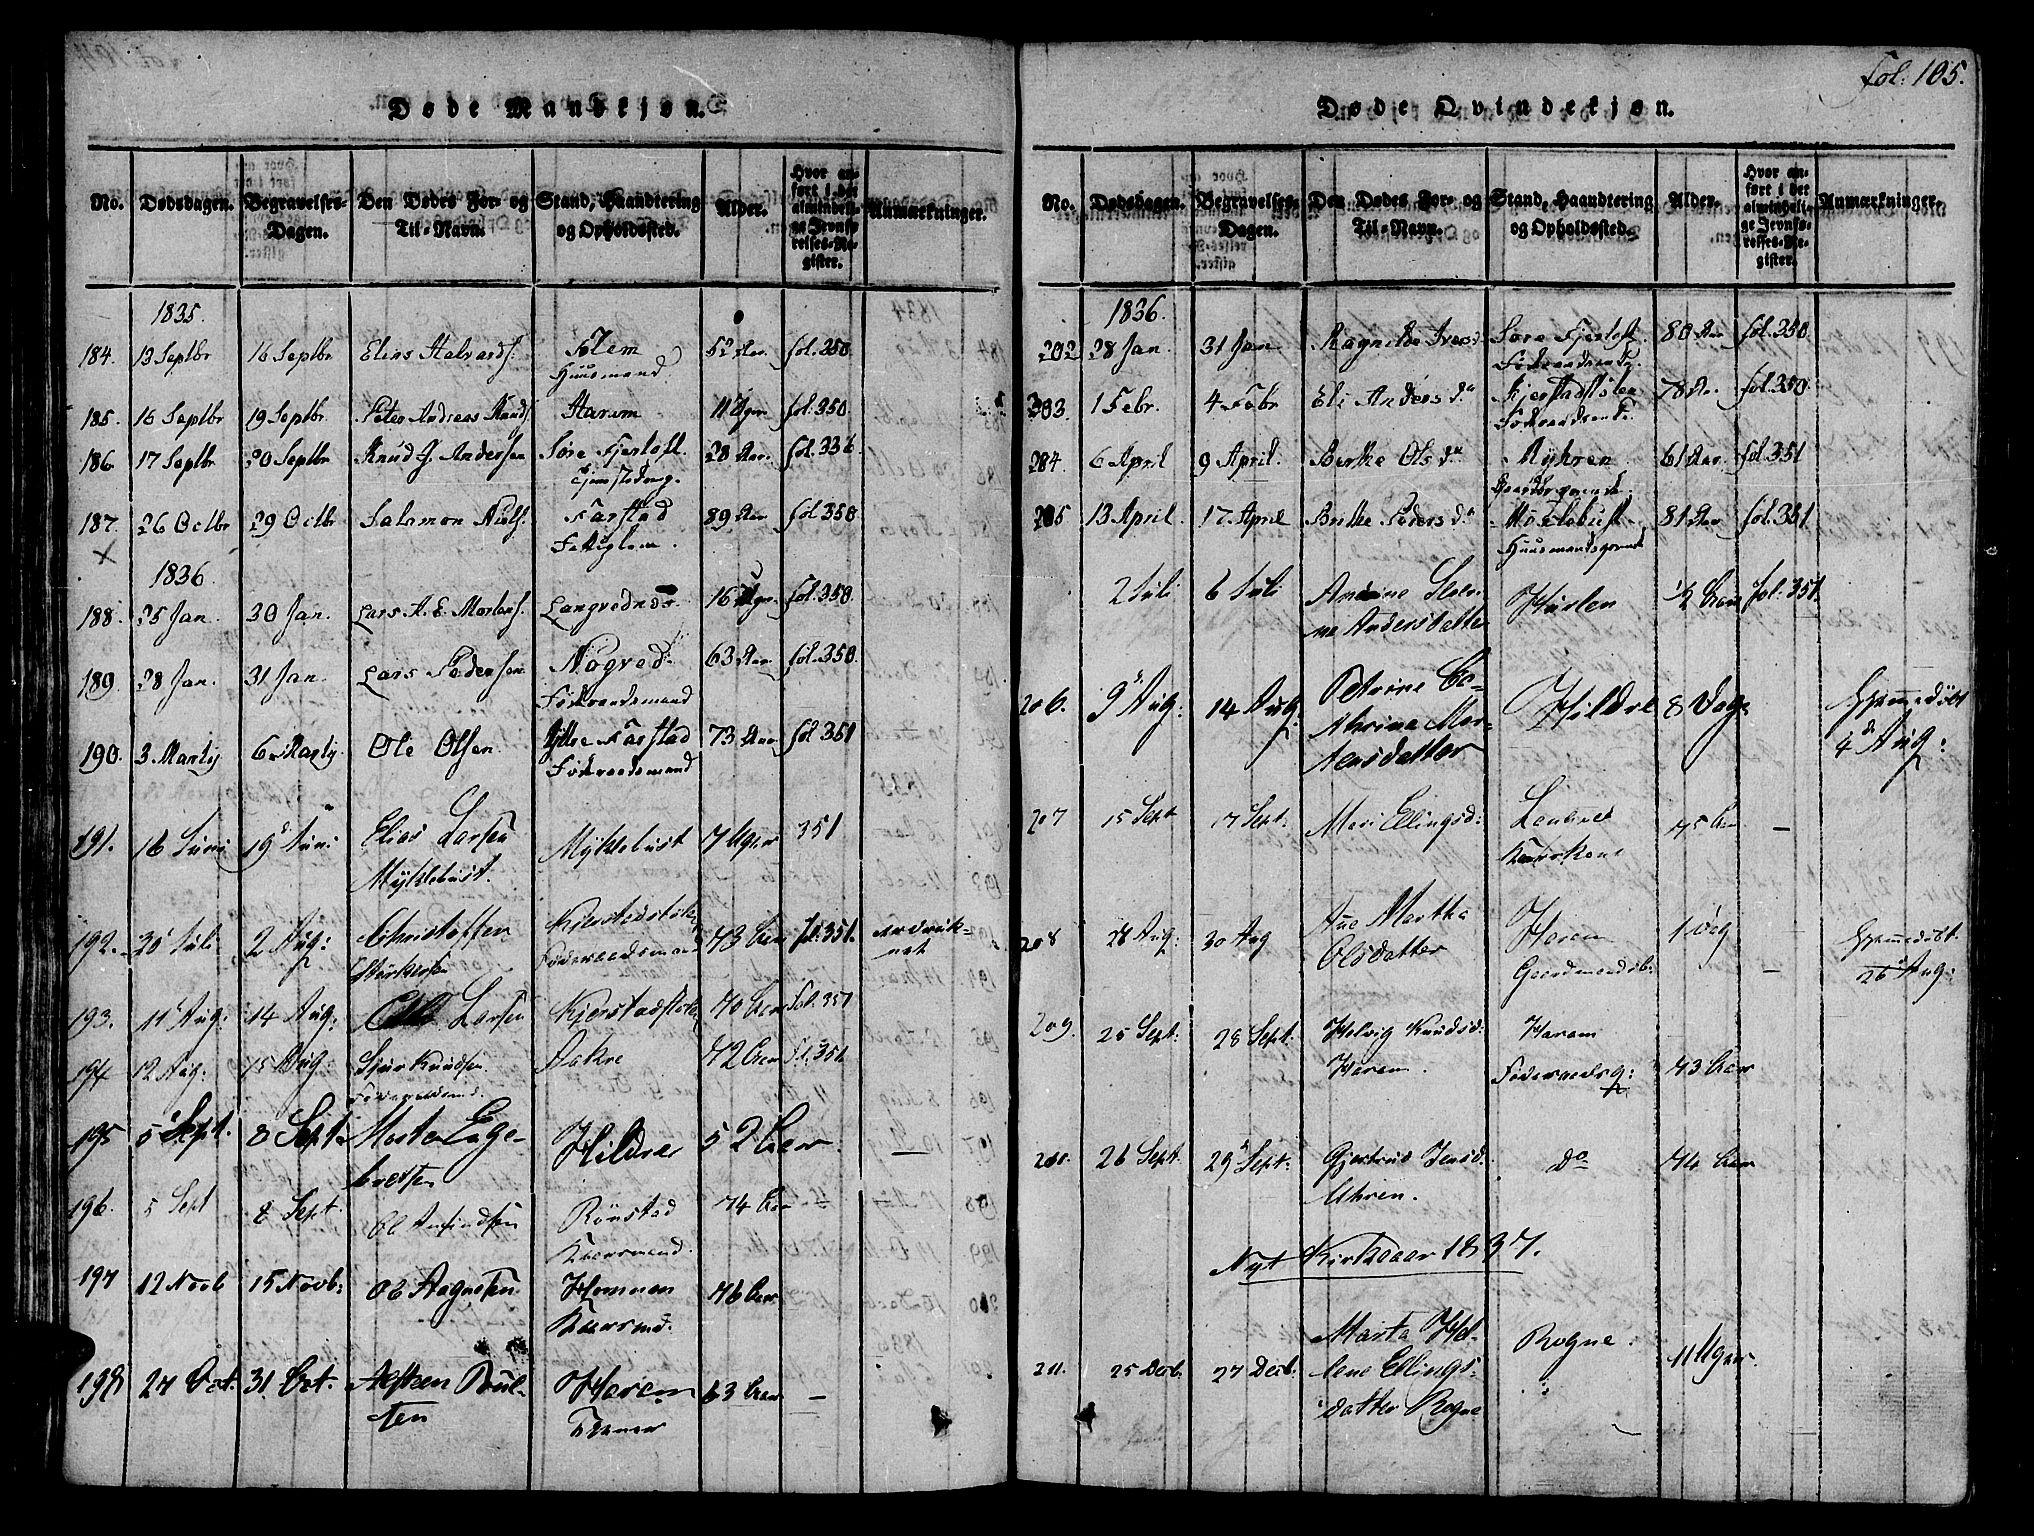 SAT, Ministerialprotokoller, klokkerbøker og fødselsregistre - Møre og Romsdal, 536/L0495: Ministerialbok nr. 536A04, 1818-1847, s. 105